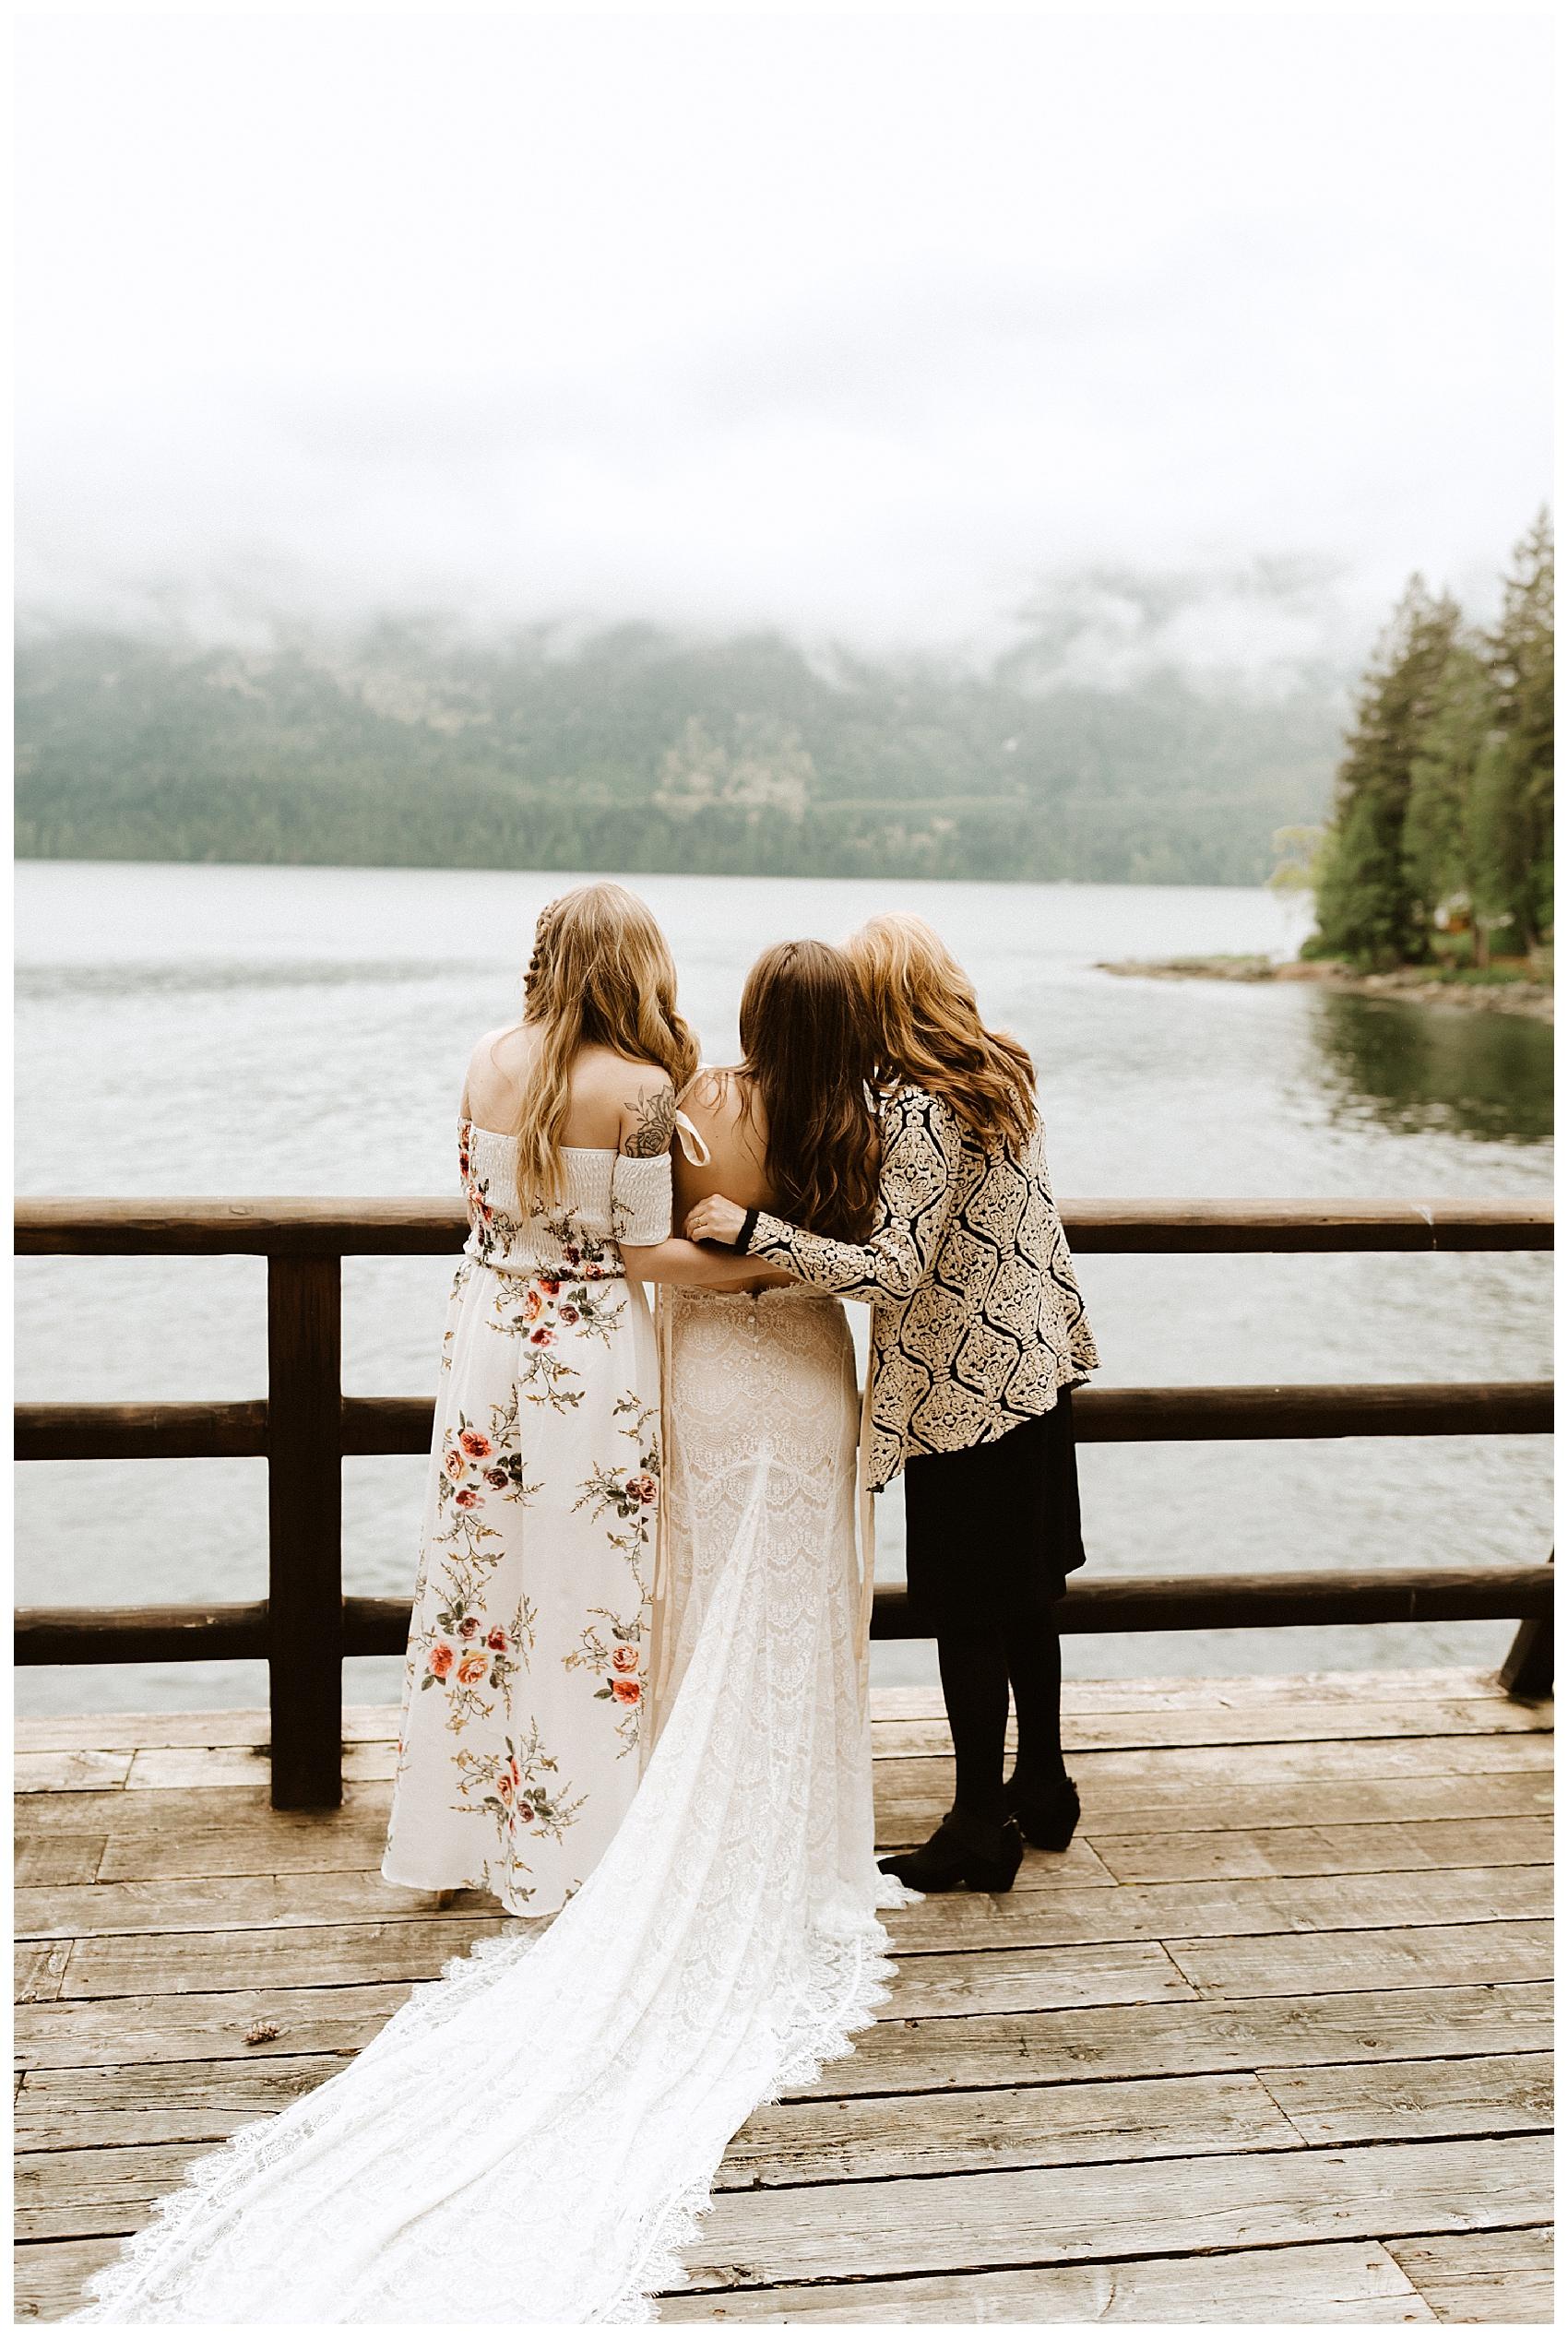 Vancouver BC Elopement Cassie Trottier Photography00018.jpg